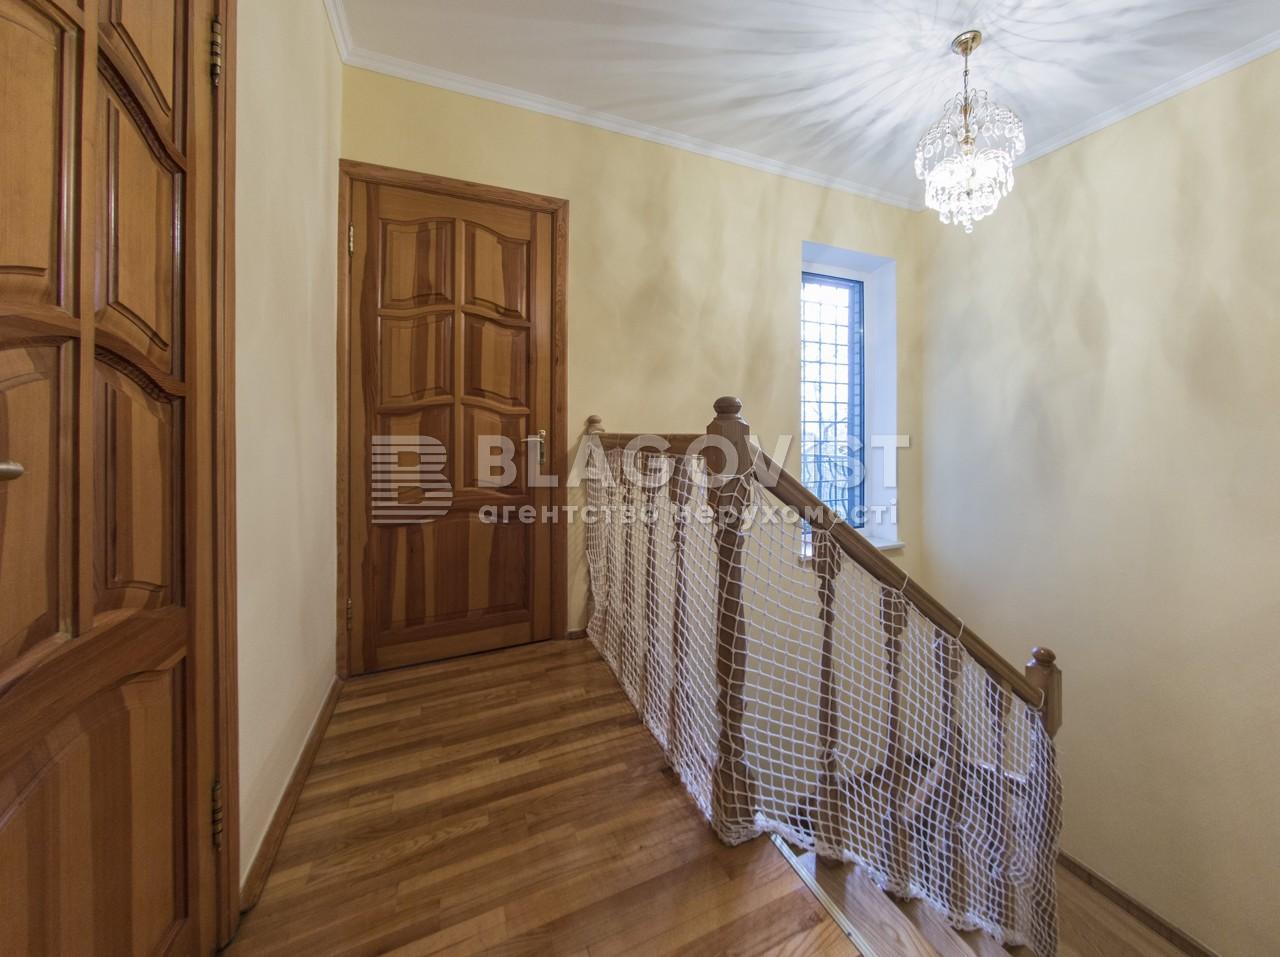 Дом Z-712497, Черняховского, Киев - Фото 30